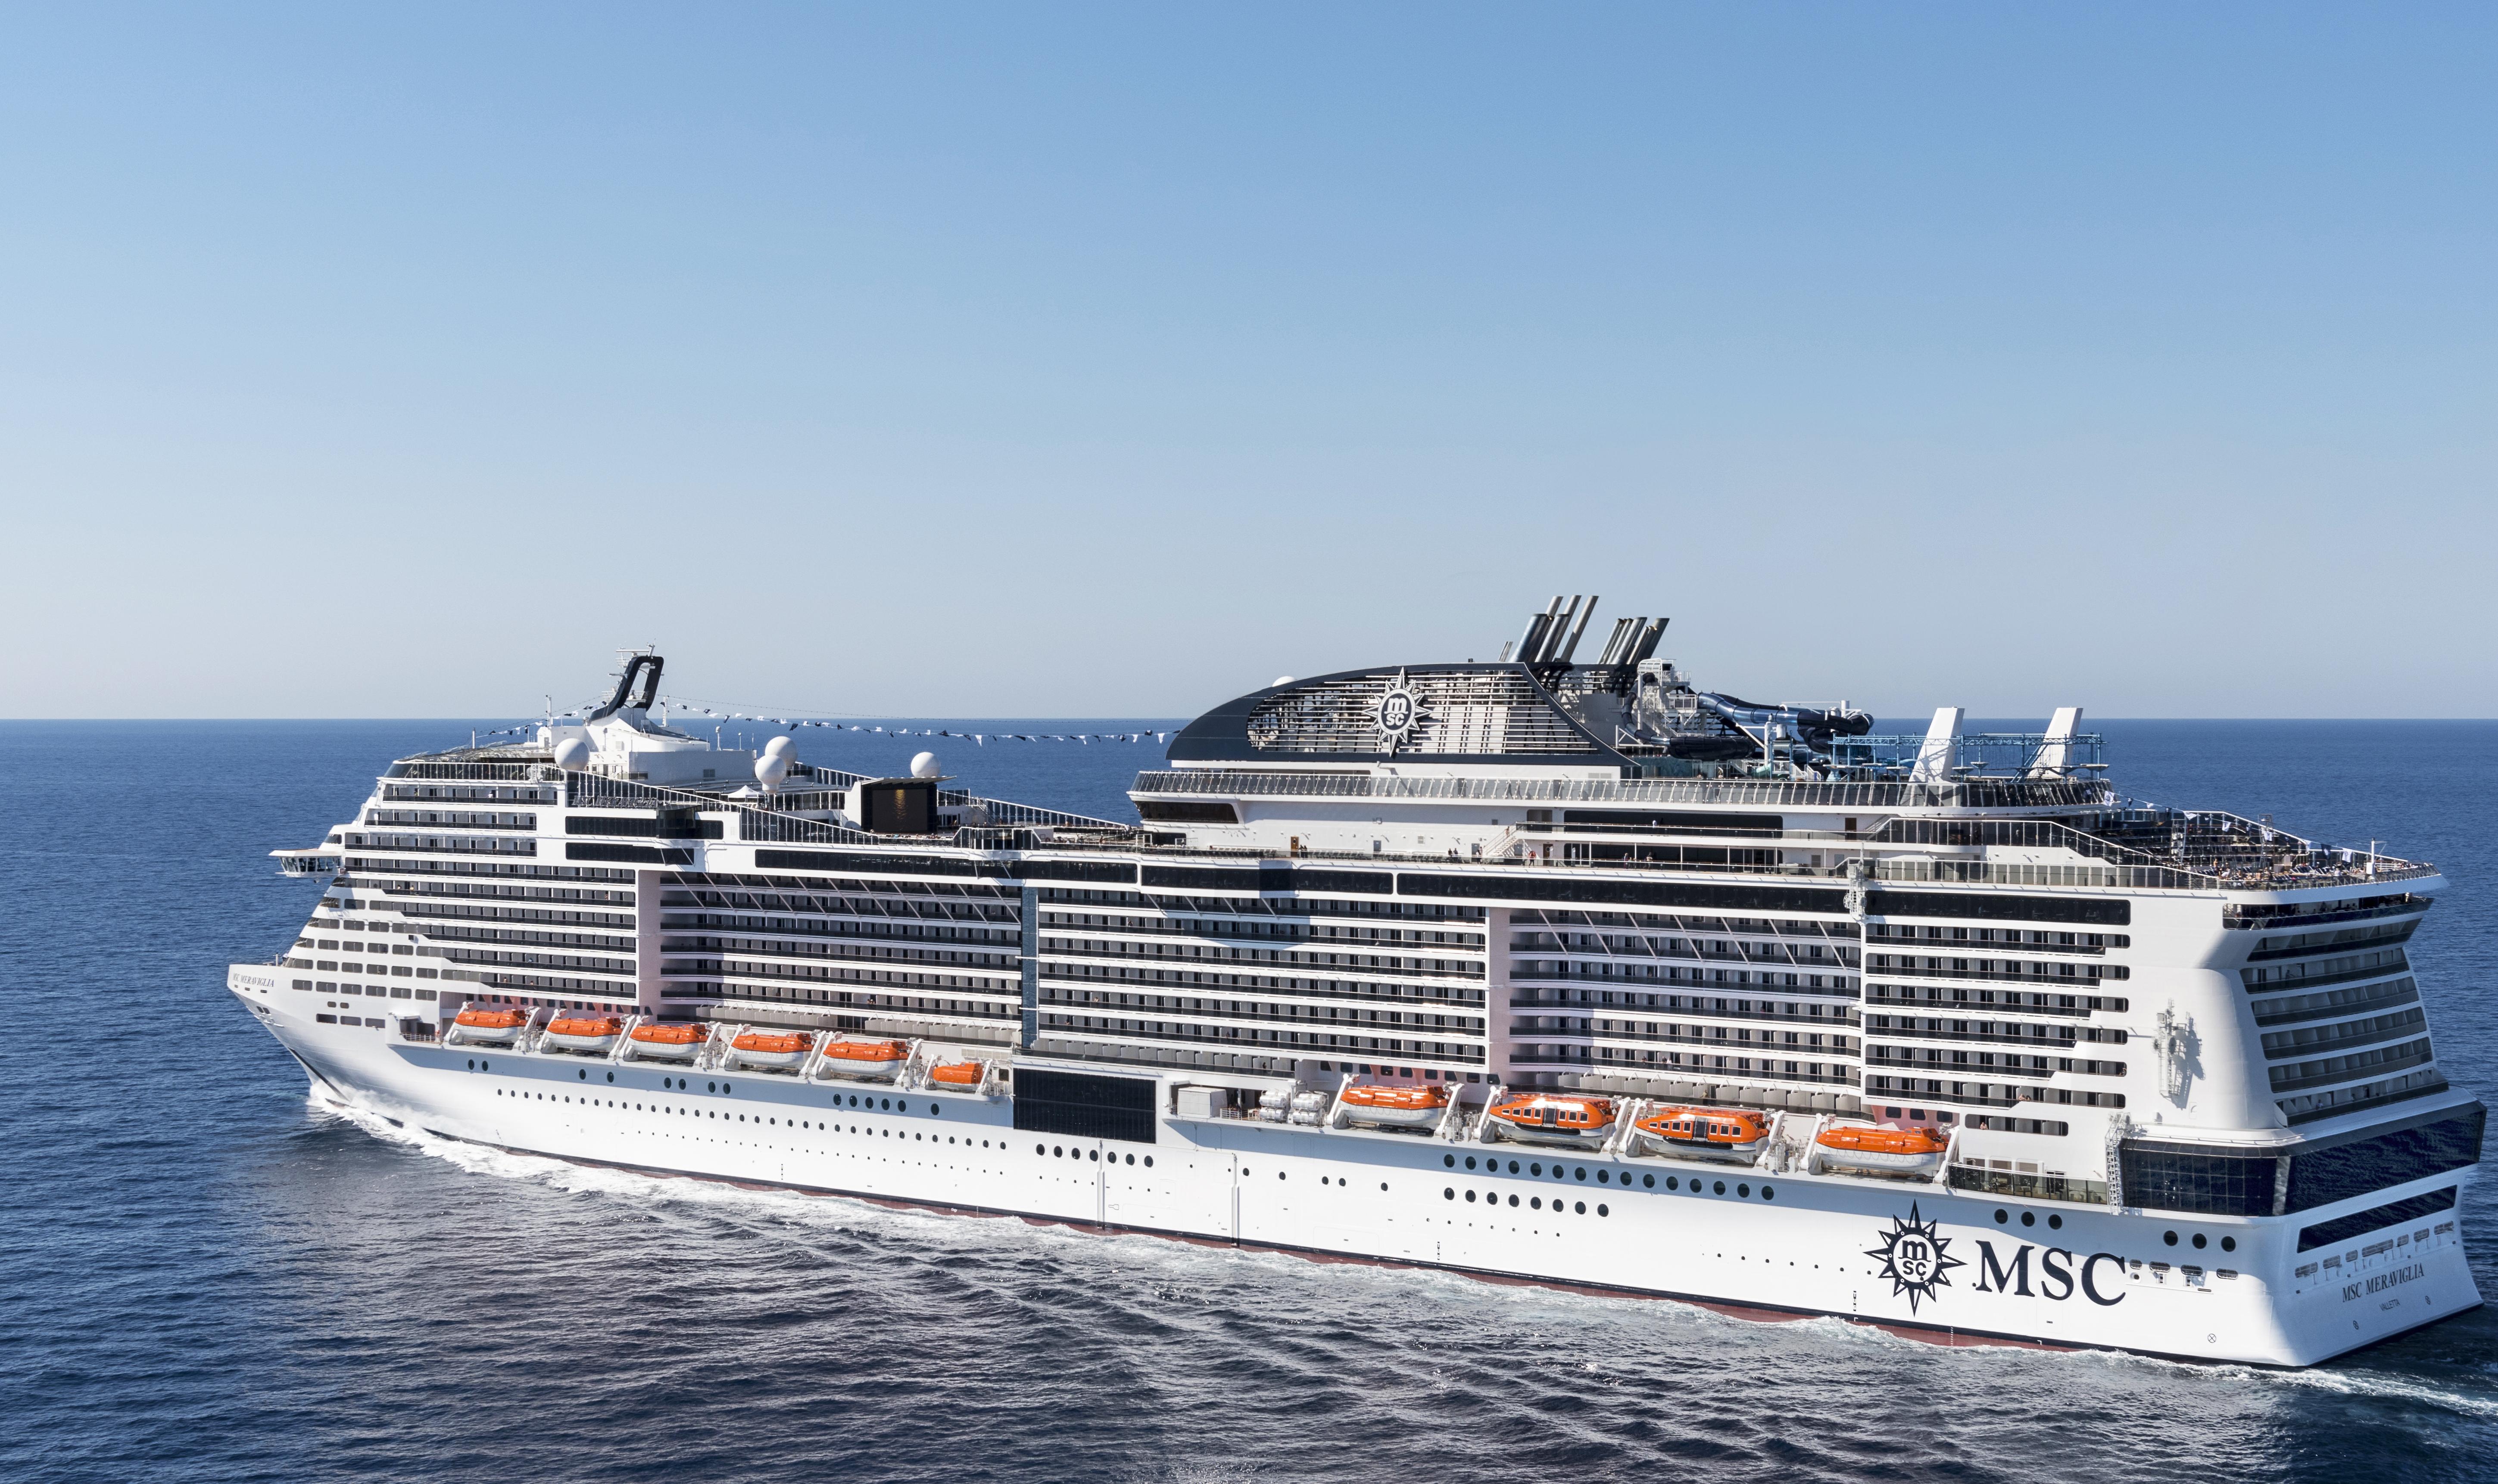 Mens Københavns Havn i år forventer cirka 875.000 krydstogtturister, stiger tallet næste år til – for første gang – over en million. Blandt andet på grund af de meget store skibe som dette, italienske MSC Cruises Meraviglia, der i 2019 bliver største krydstogtskib i havnen. Foto: MSC Cruises.